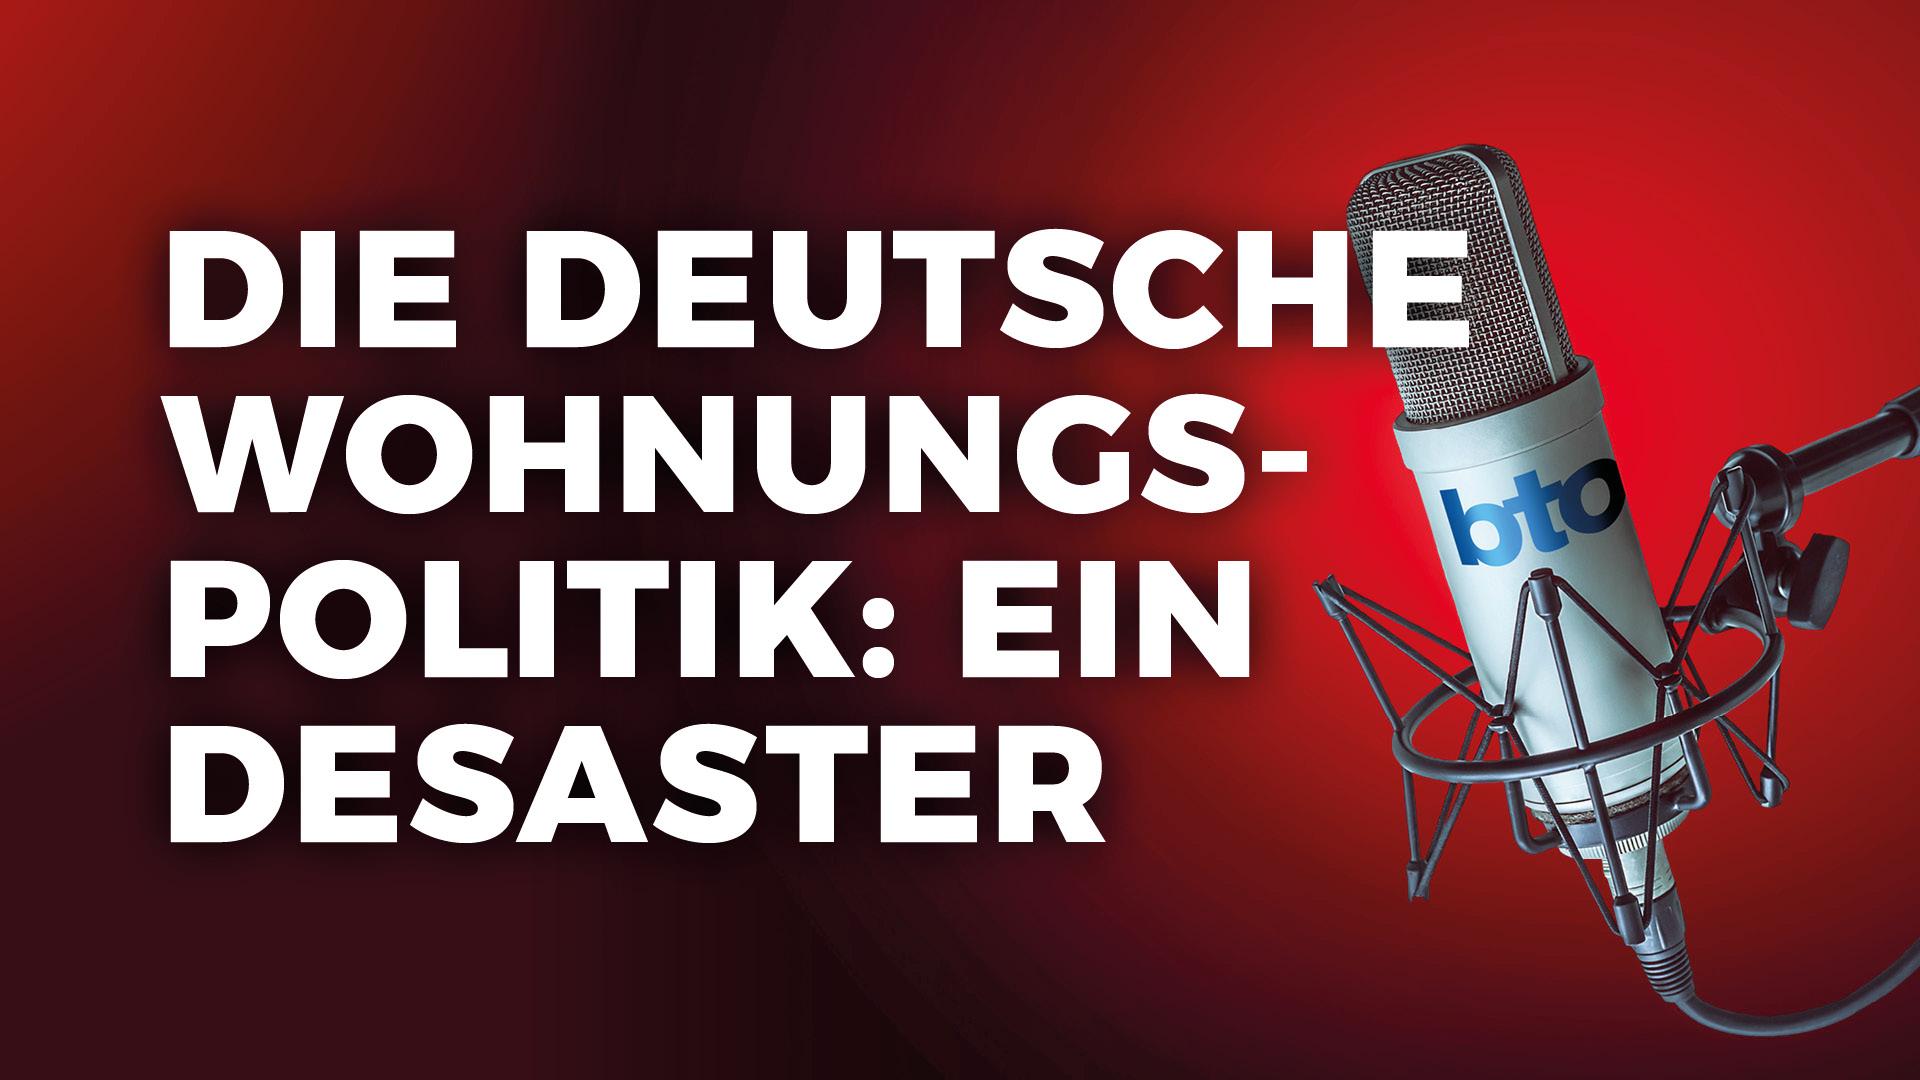 Das Desaster der deutschen Wohnungspolitik